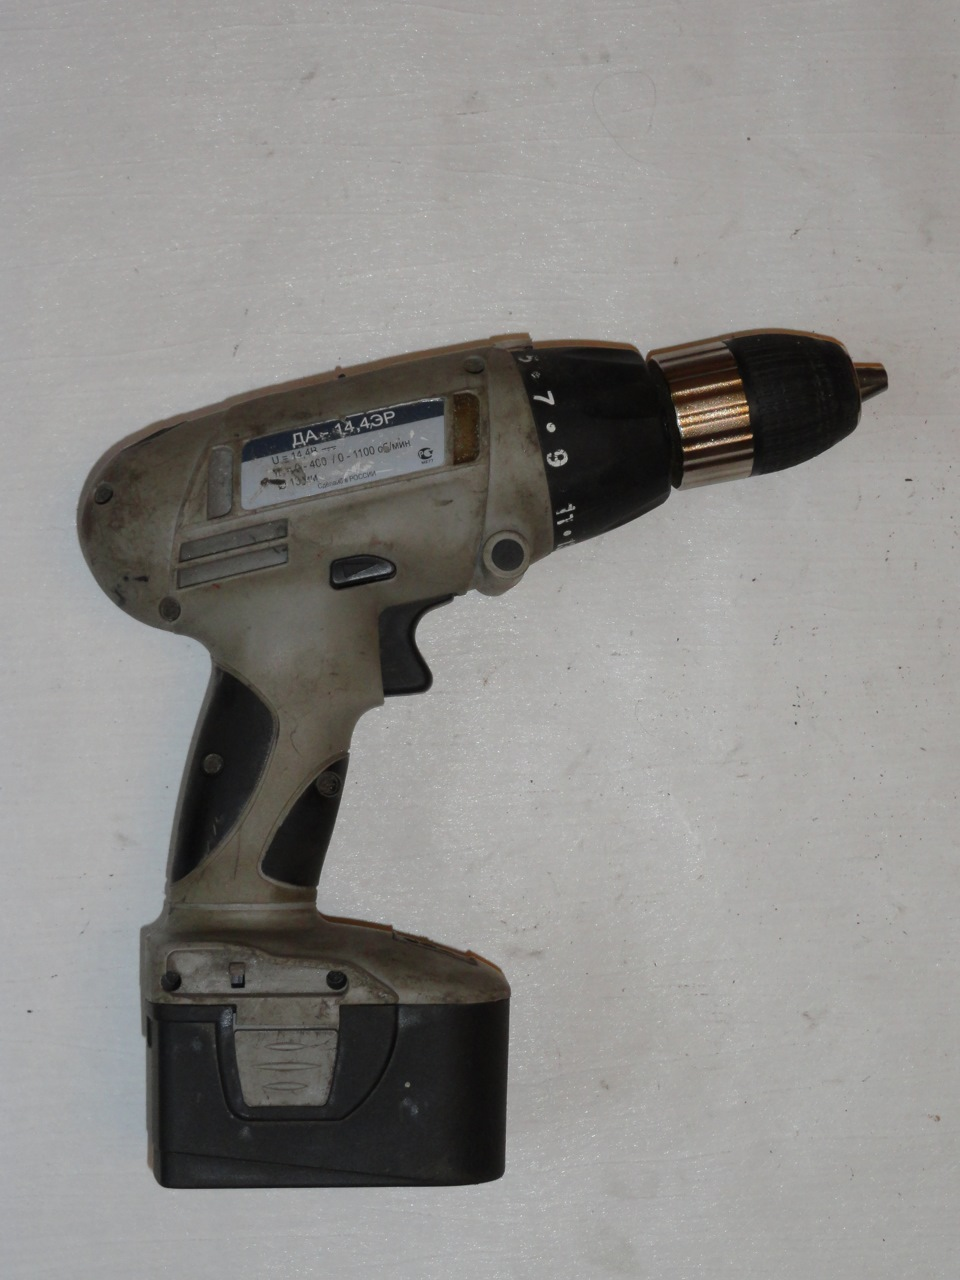 Шуруповёрт интерскол да-12эр ремонт своими руками фото 753